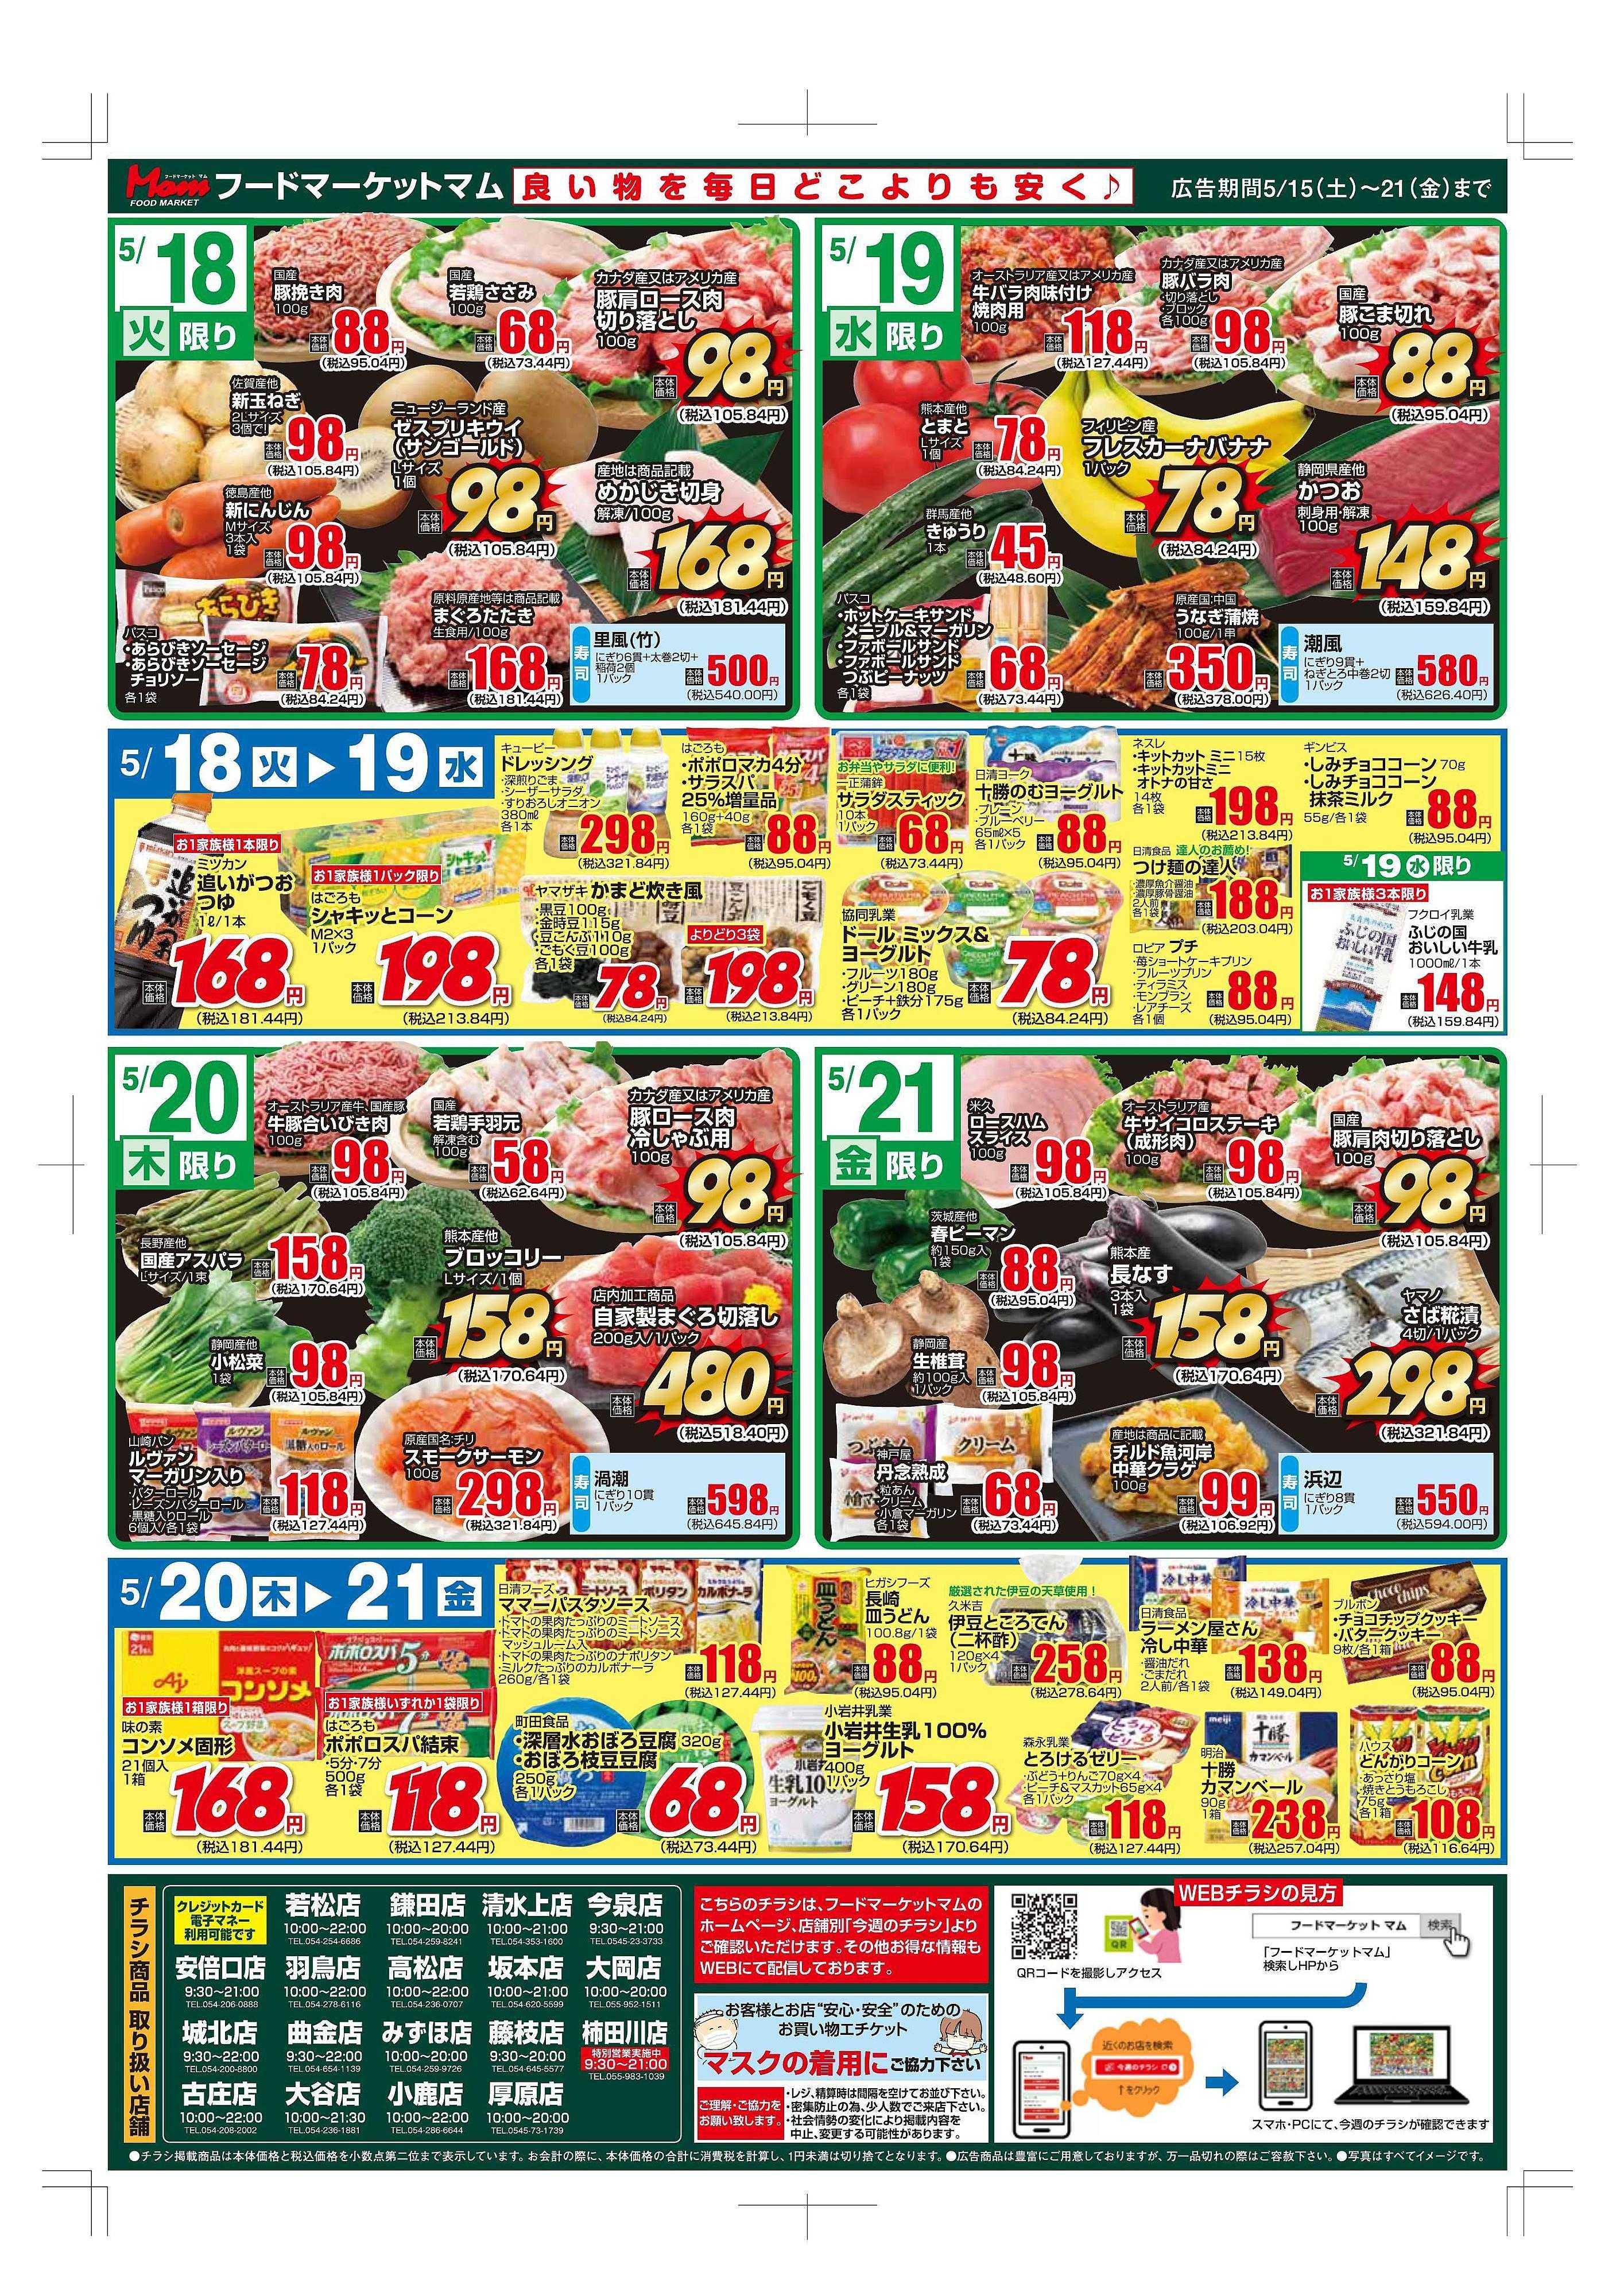 フードマーケット マム 静岡東部中部地区合同 情熱価格祭うら